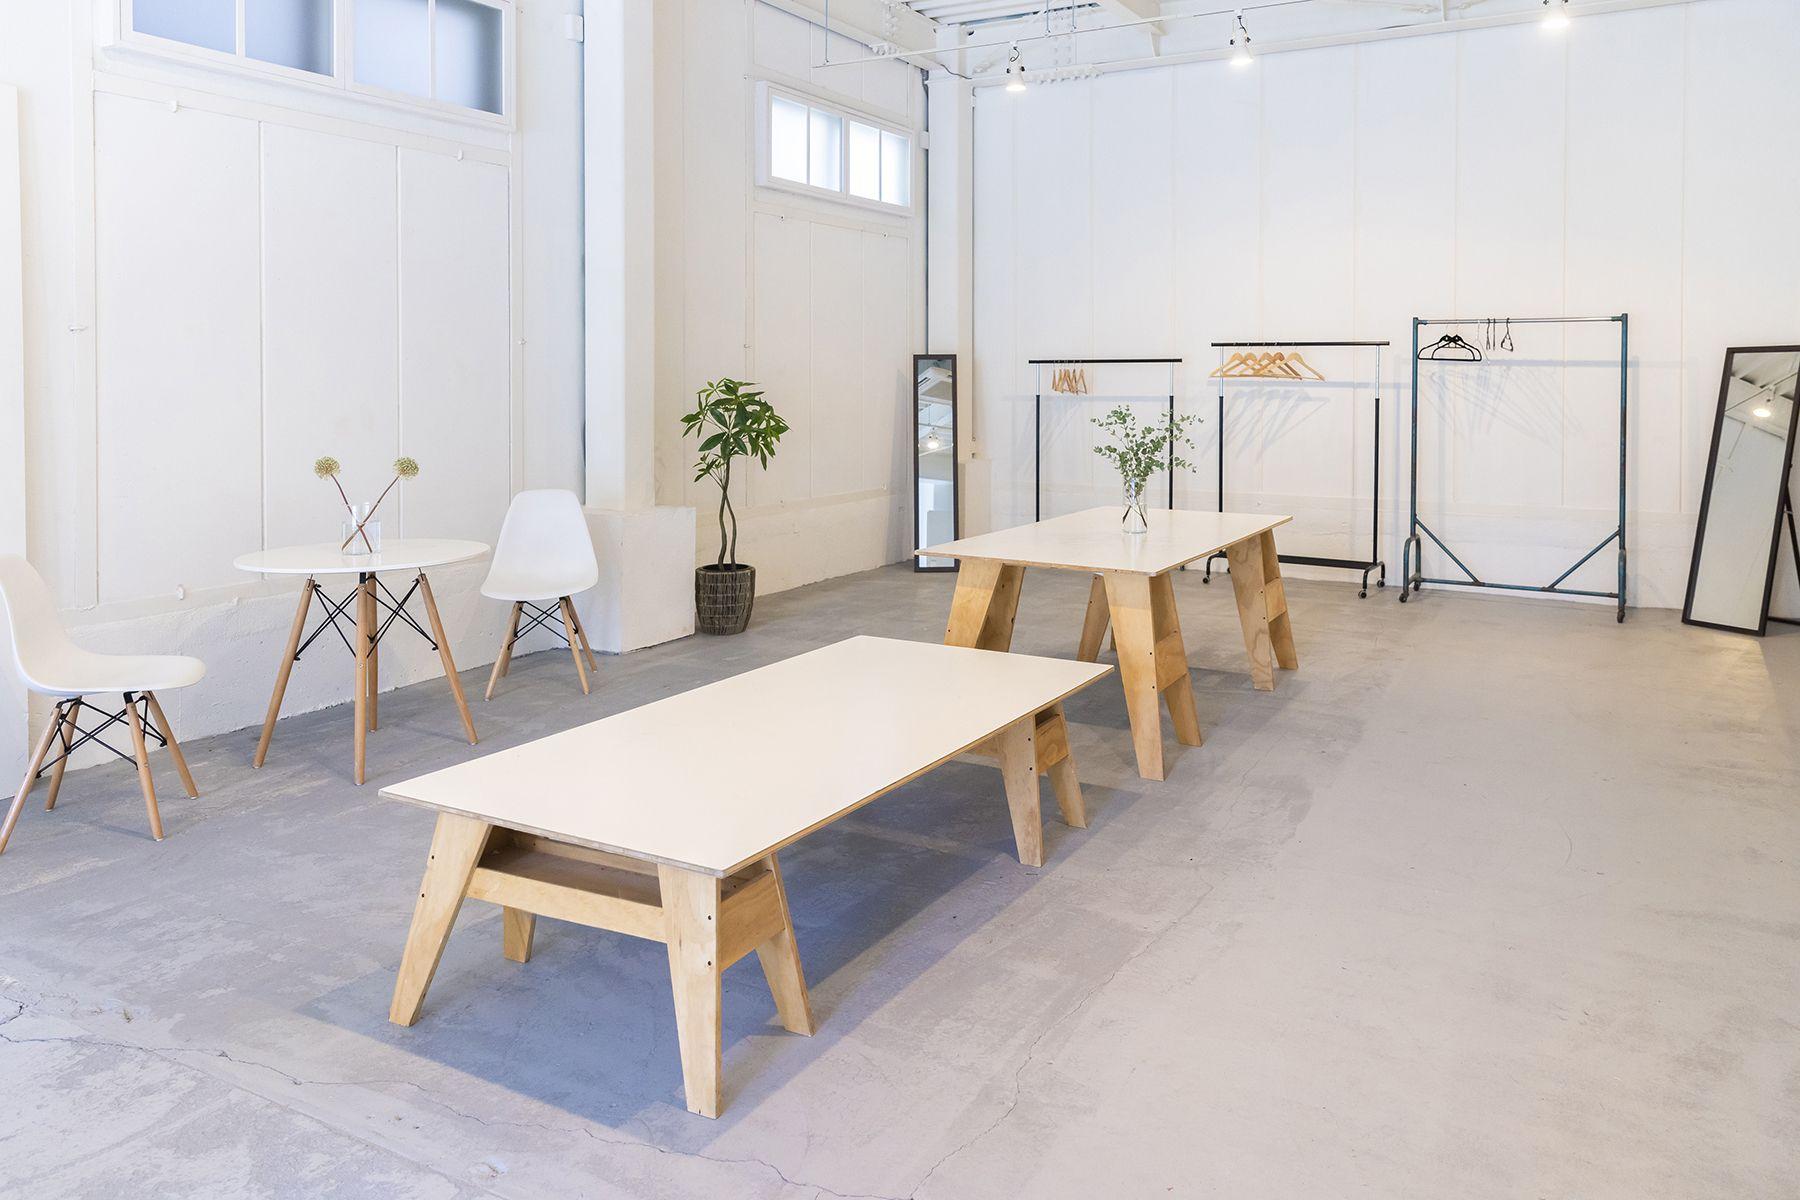 ACCA STUDIO (アッカスタジオ)1F/Ast 展示会利用も